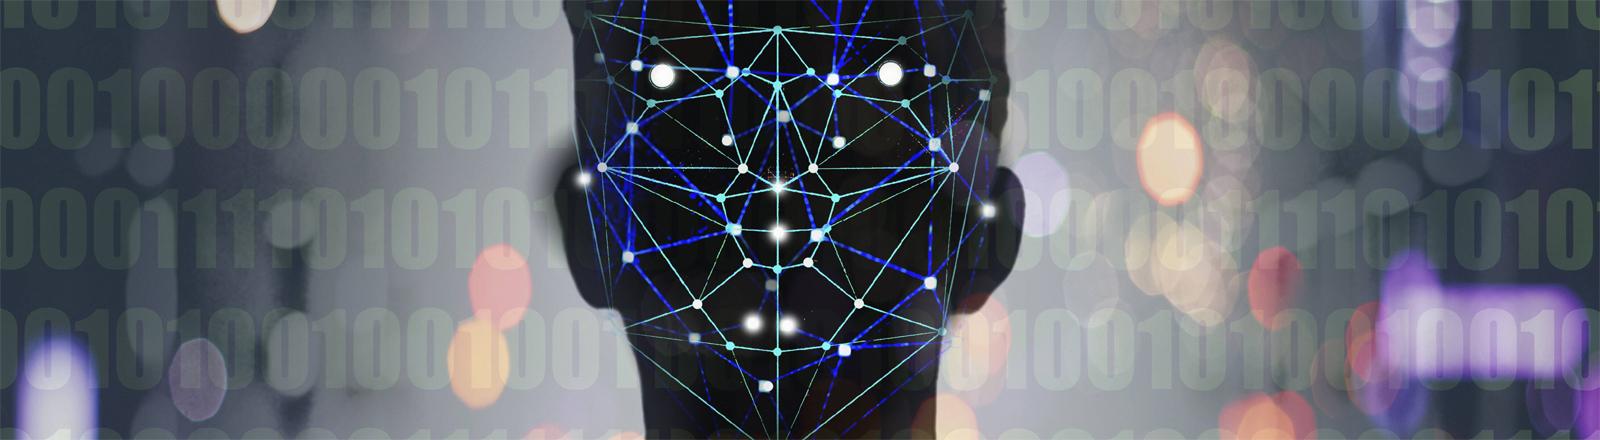 Gesichtserkennungstechnologie